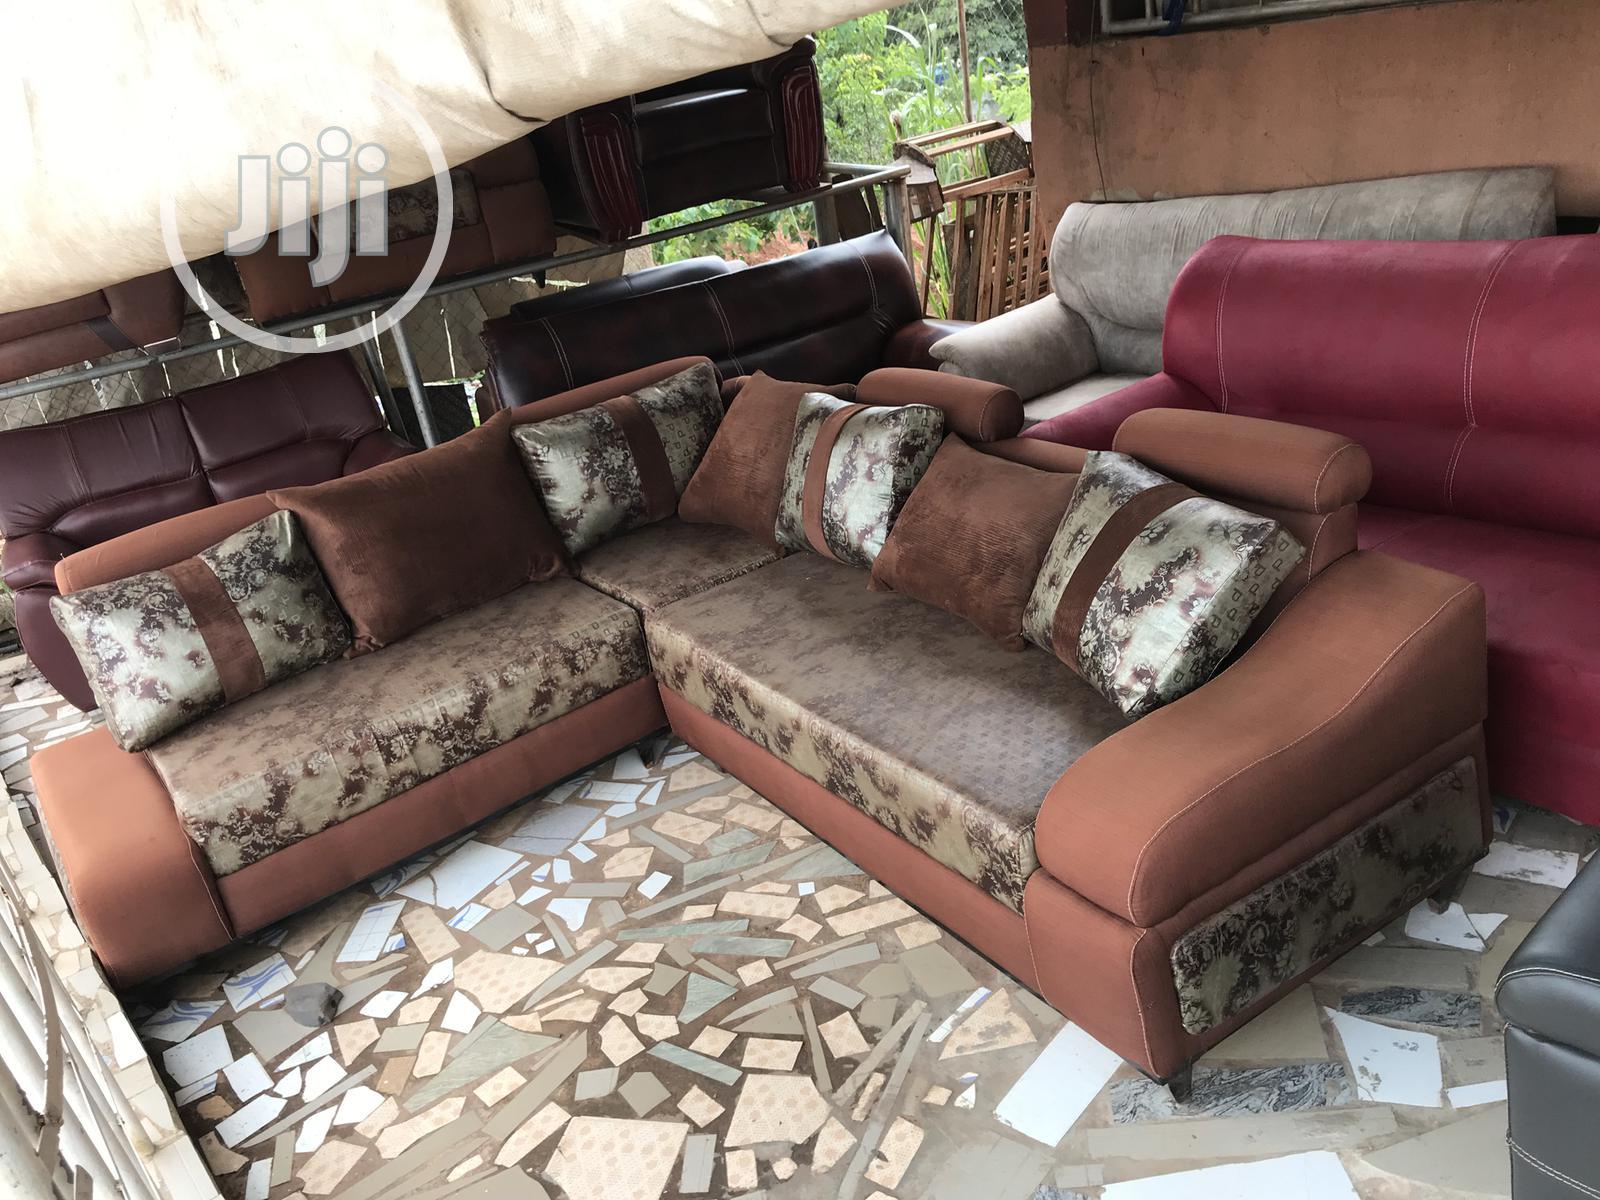 Unique Sectional Chair | Furniture for sale in Enugu, Enugu State, Nigeria